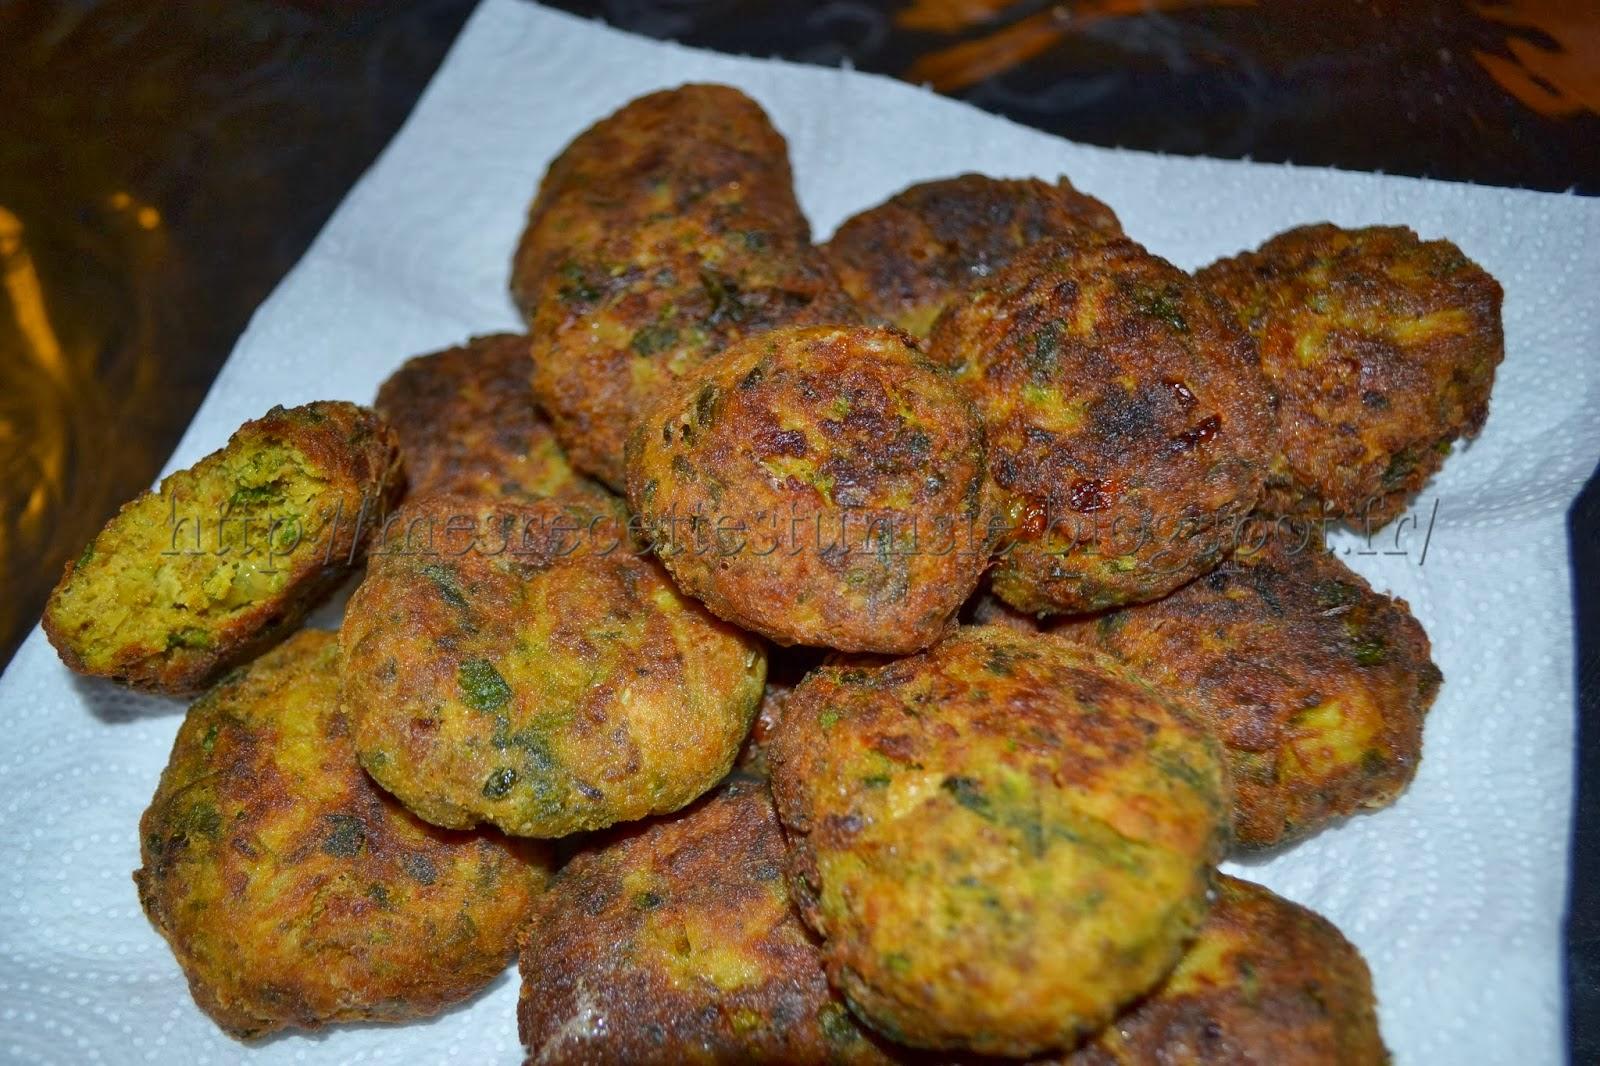 Recette de la kefta tunisienne cuisine tun - Cuisine tunisienne traditionnelle four ...